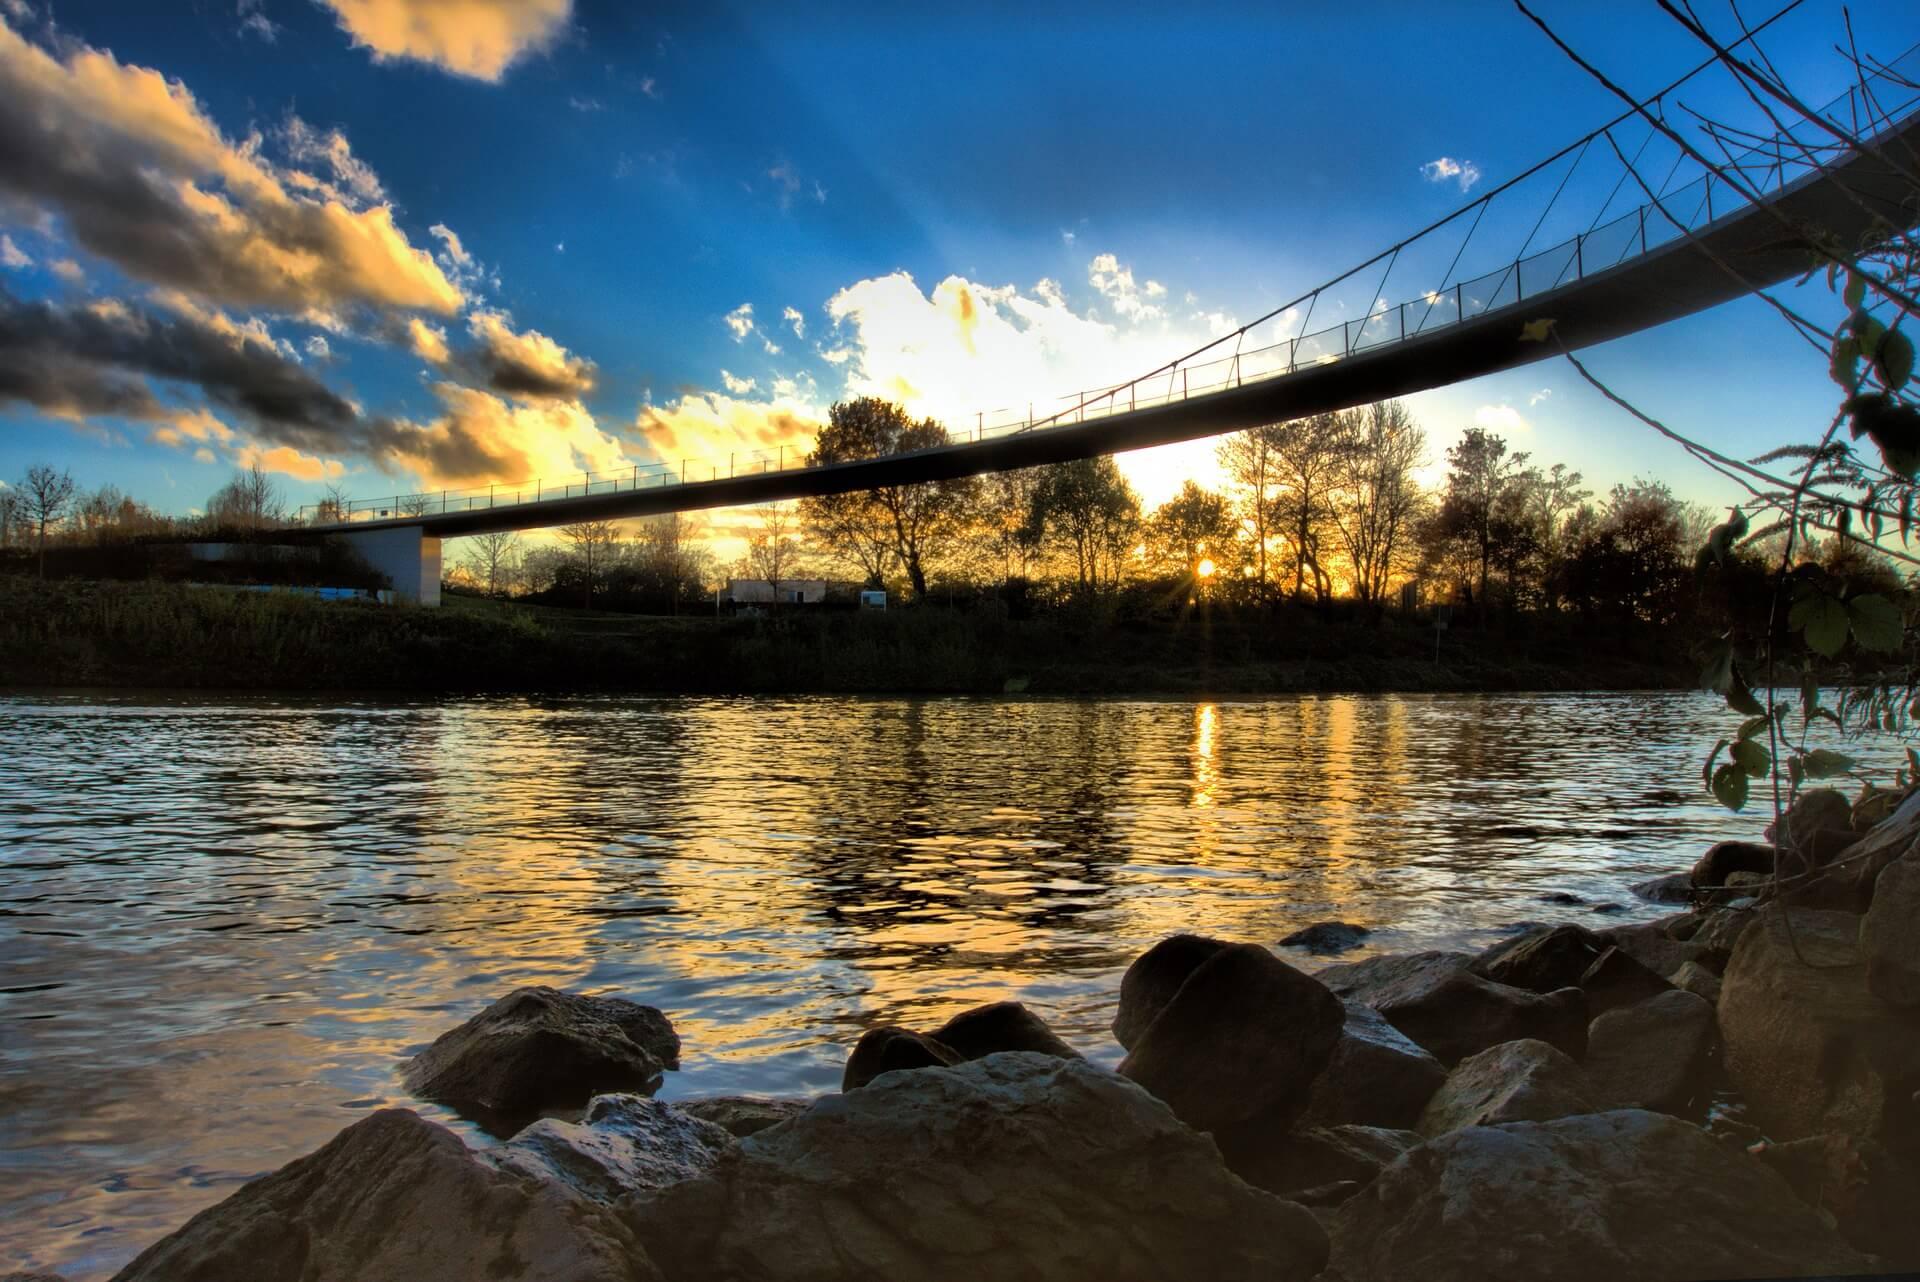 Der Rhein-herne-kanal mit Sonnenuntergang hinter einer Brücke.